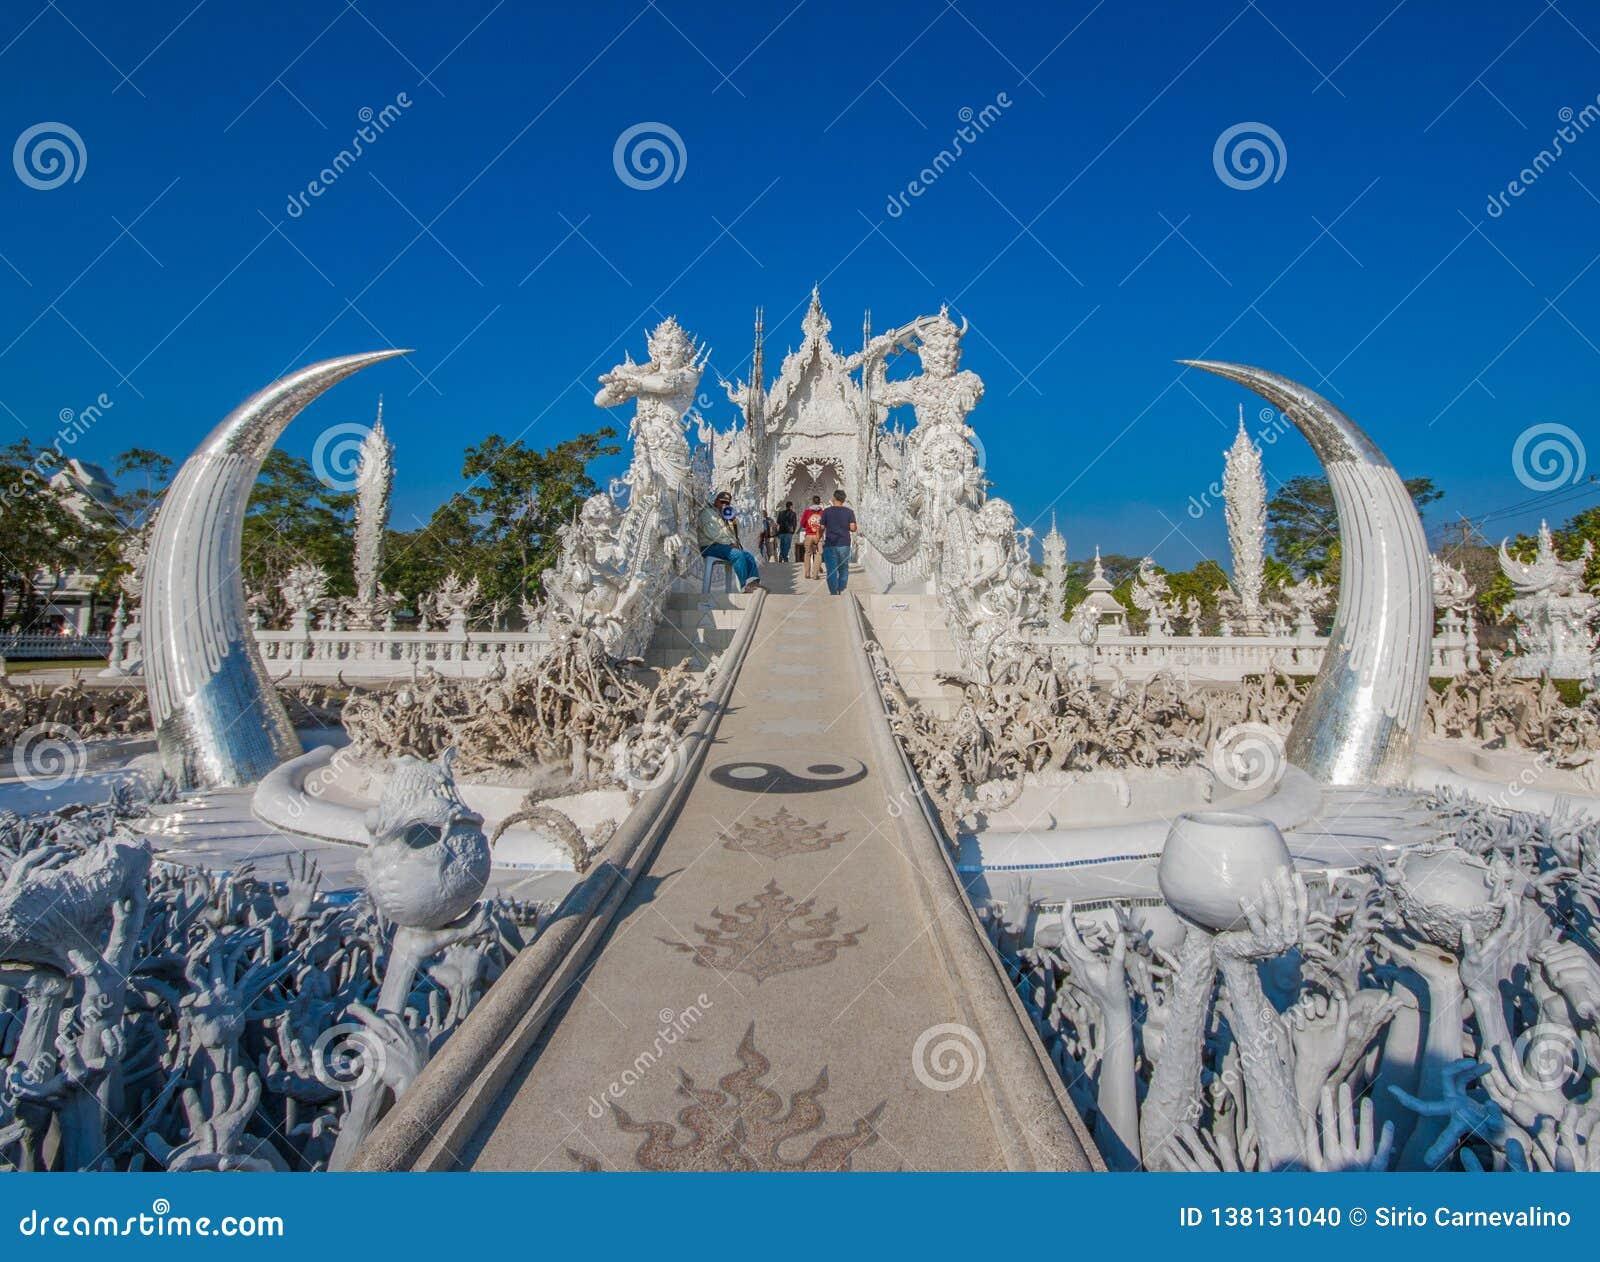 Der erstaunliche Wat Rong Khun-Tempel von Chiang Rai, Thailand